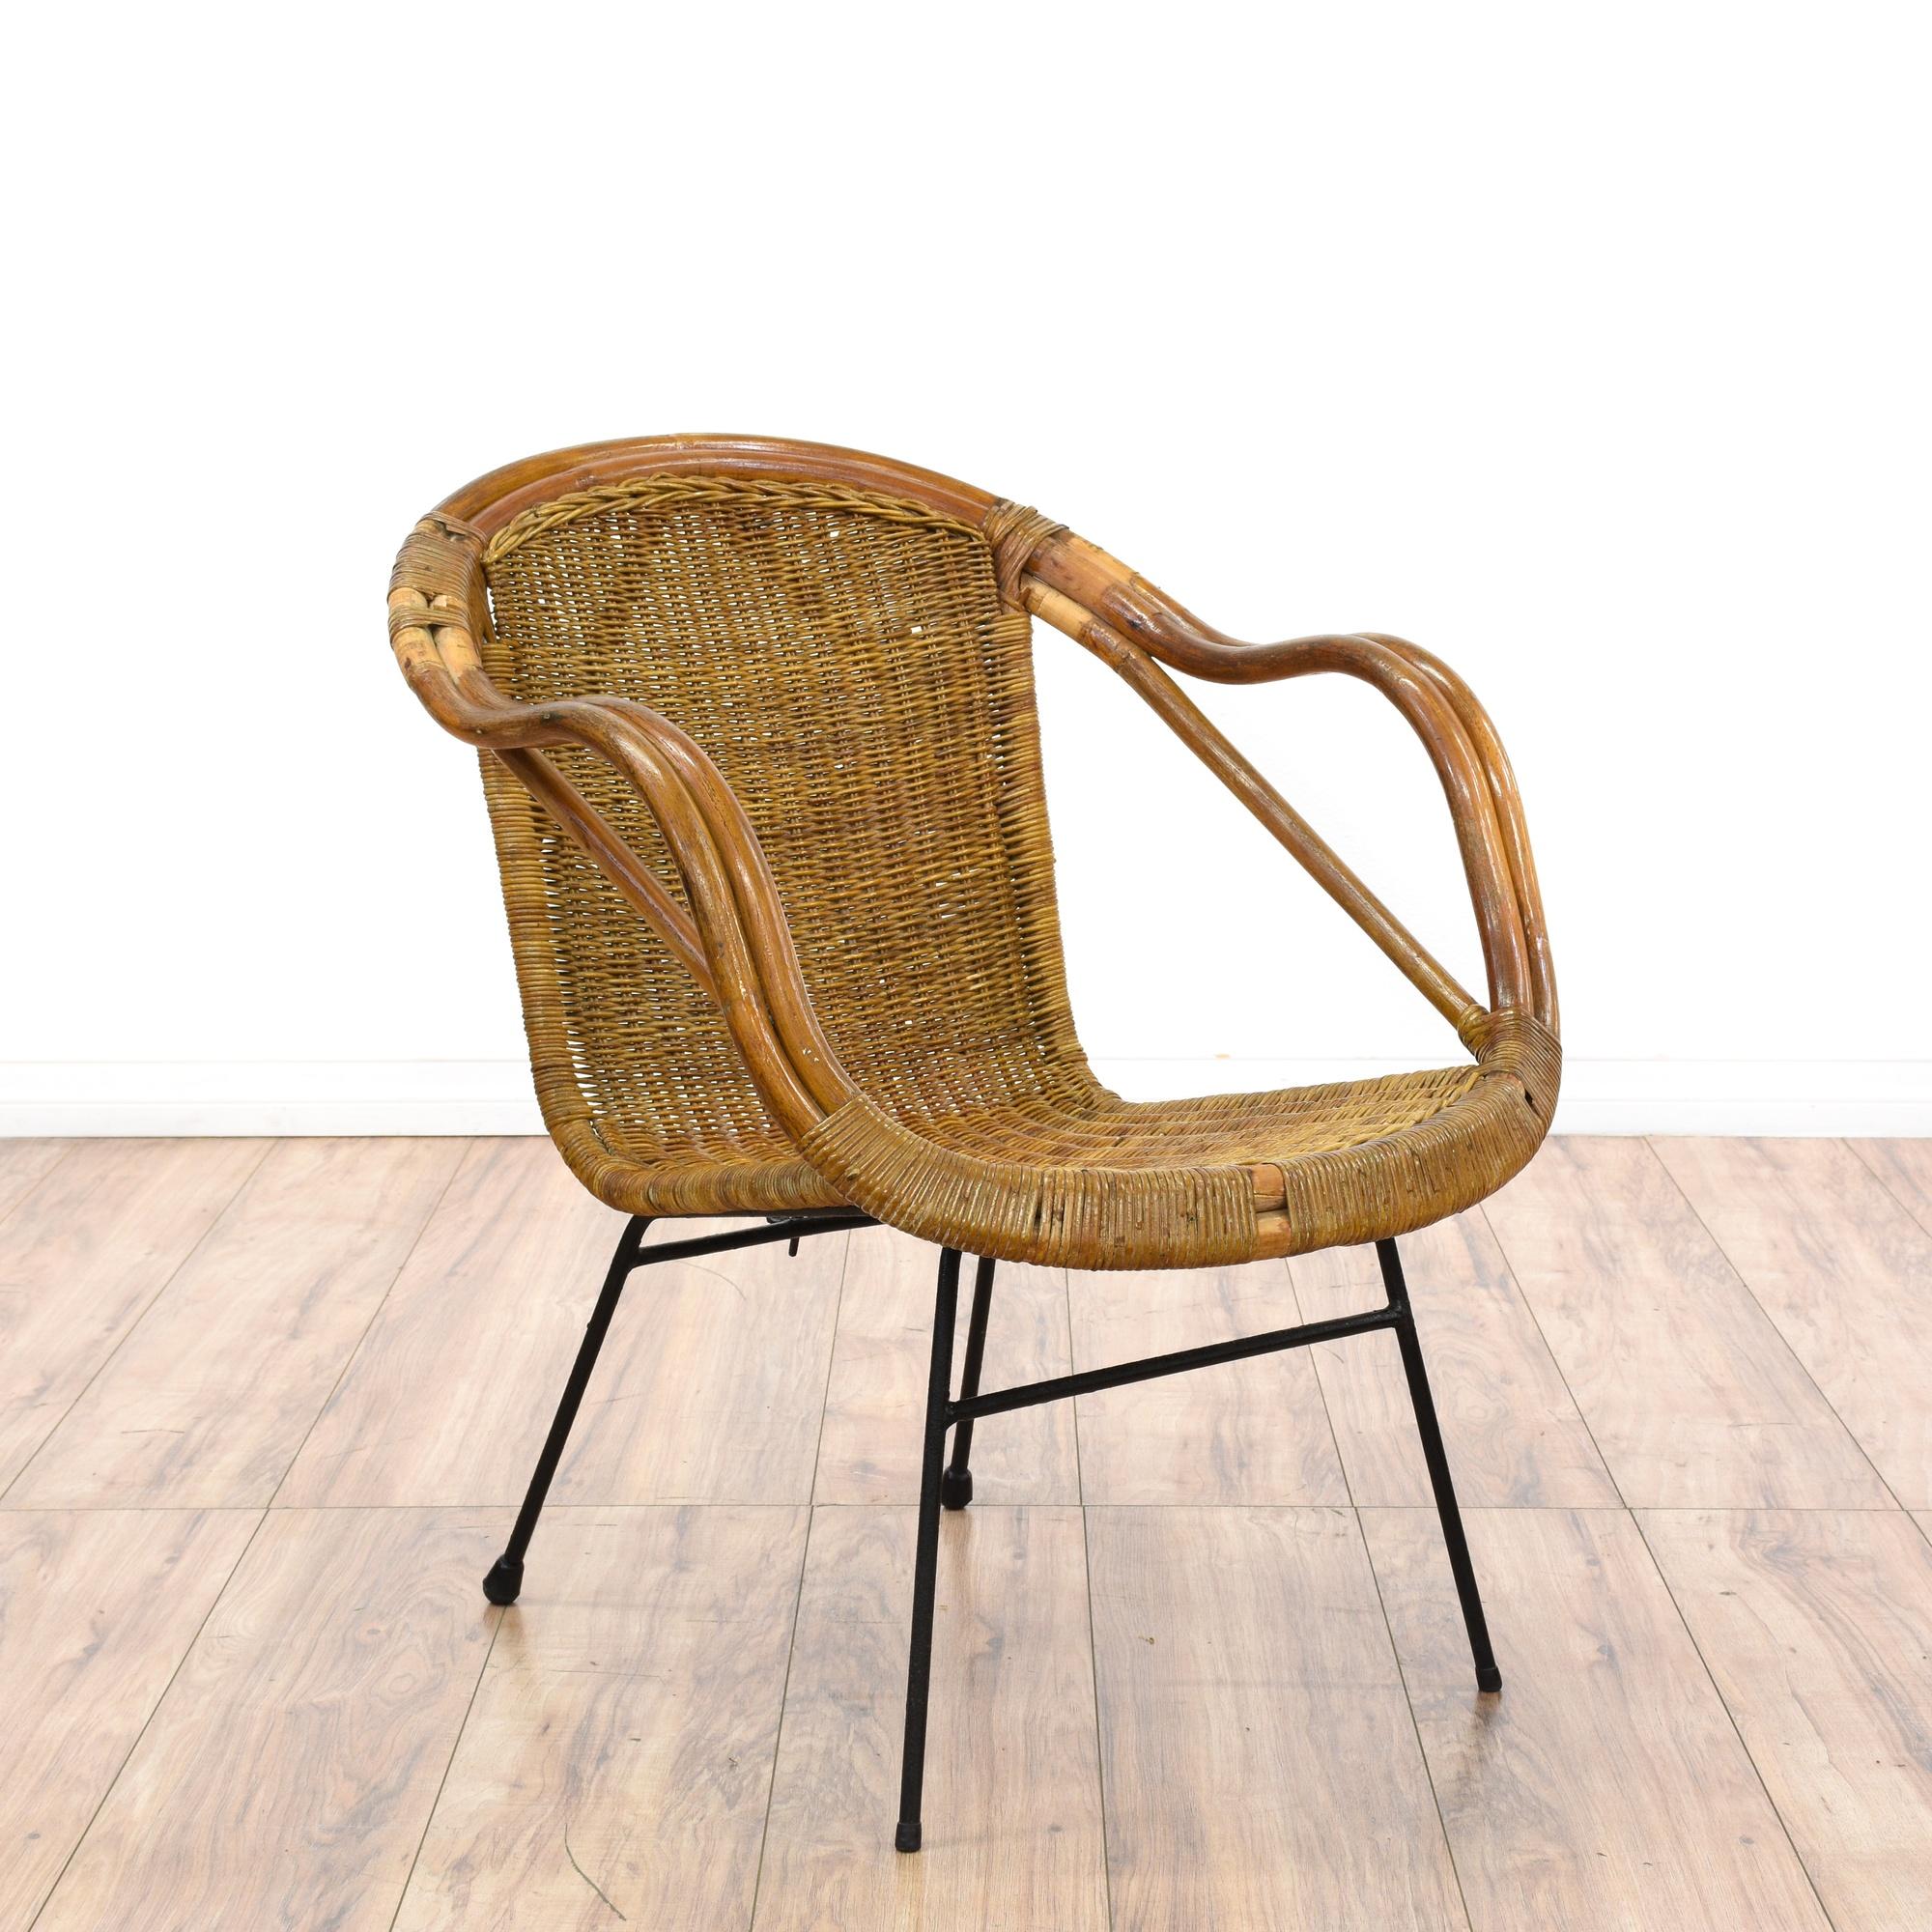 Mid Century Modern Wicker Accent Chair Loveseat Vintage